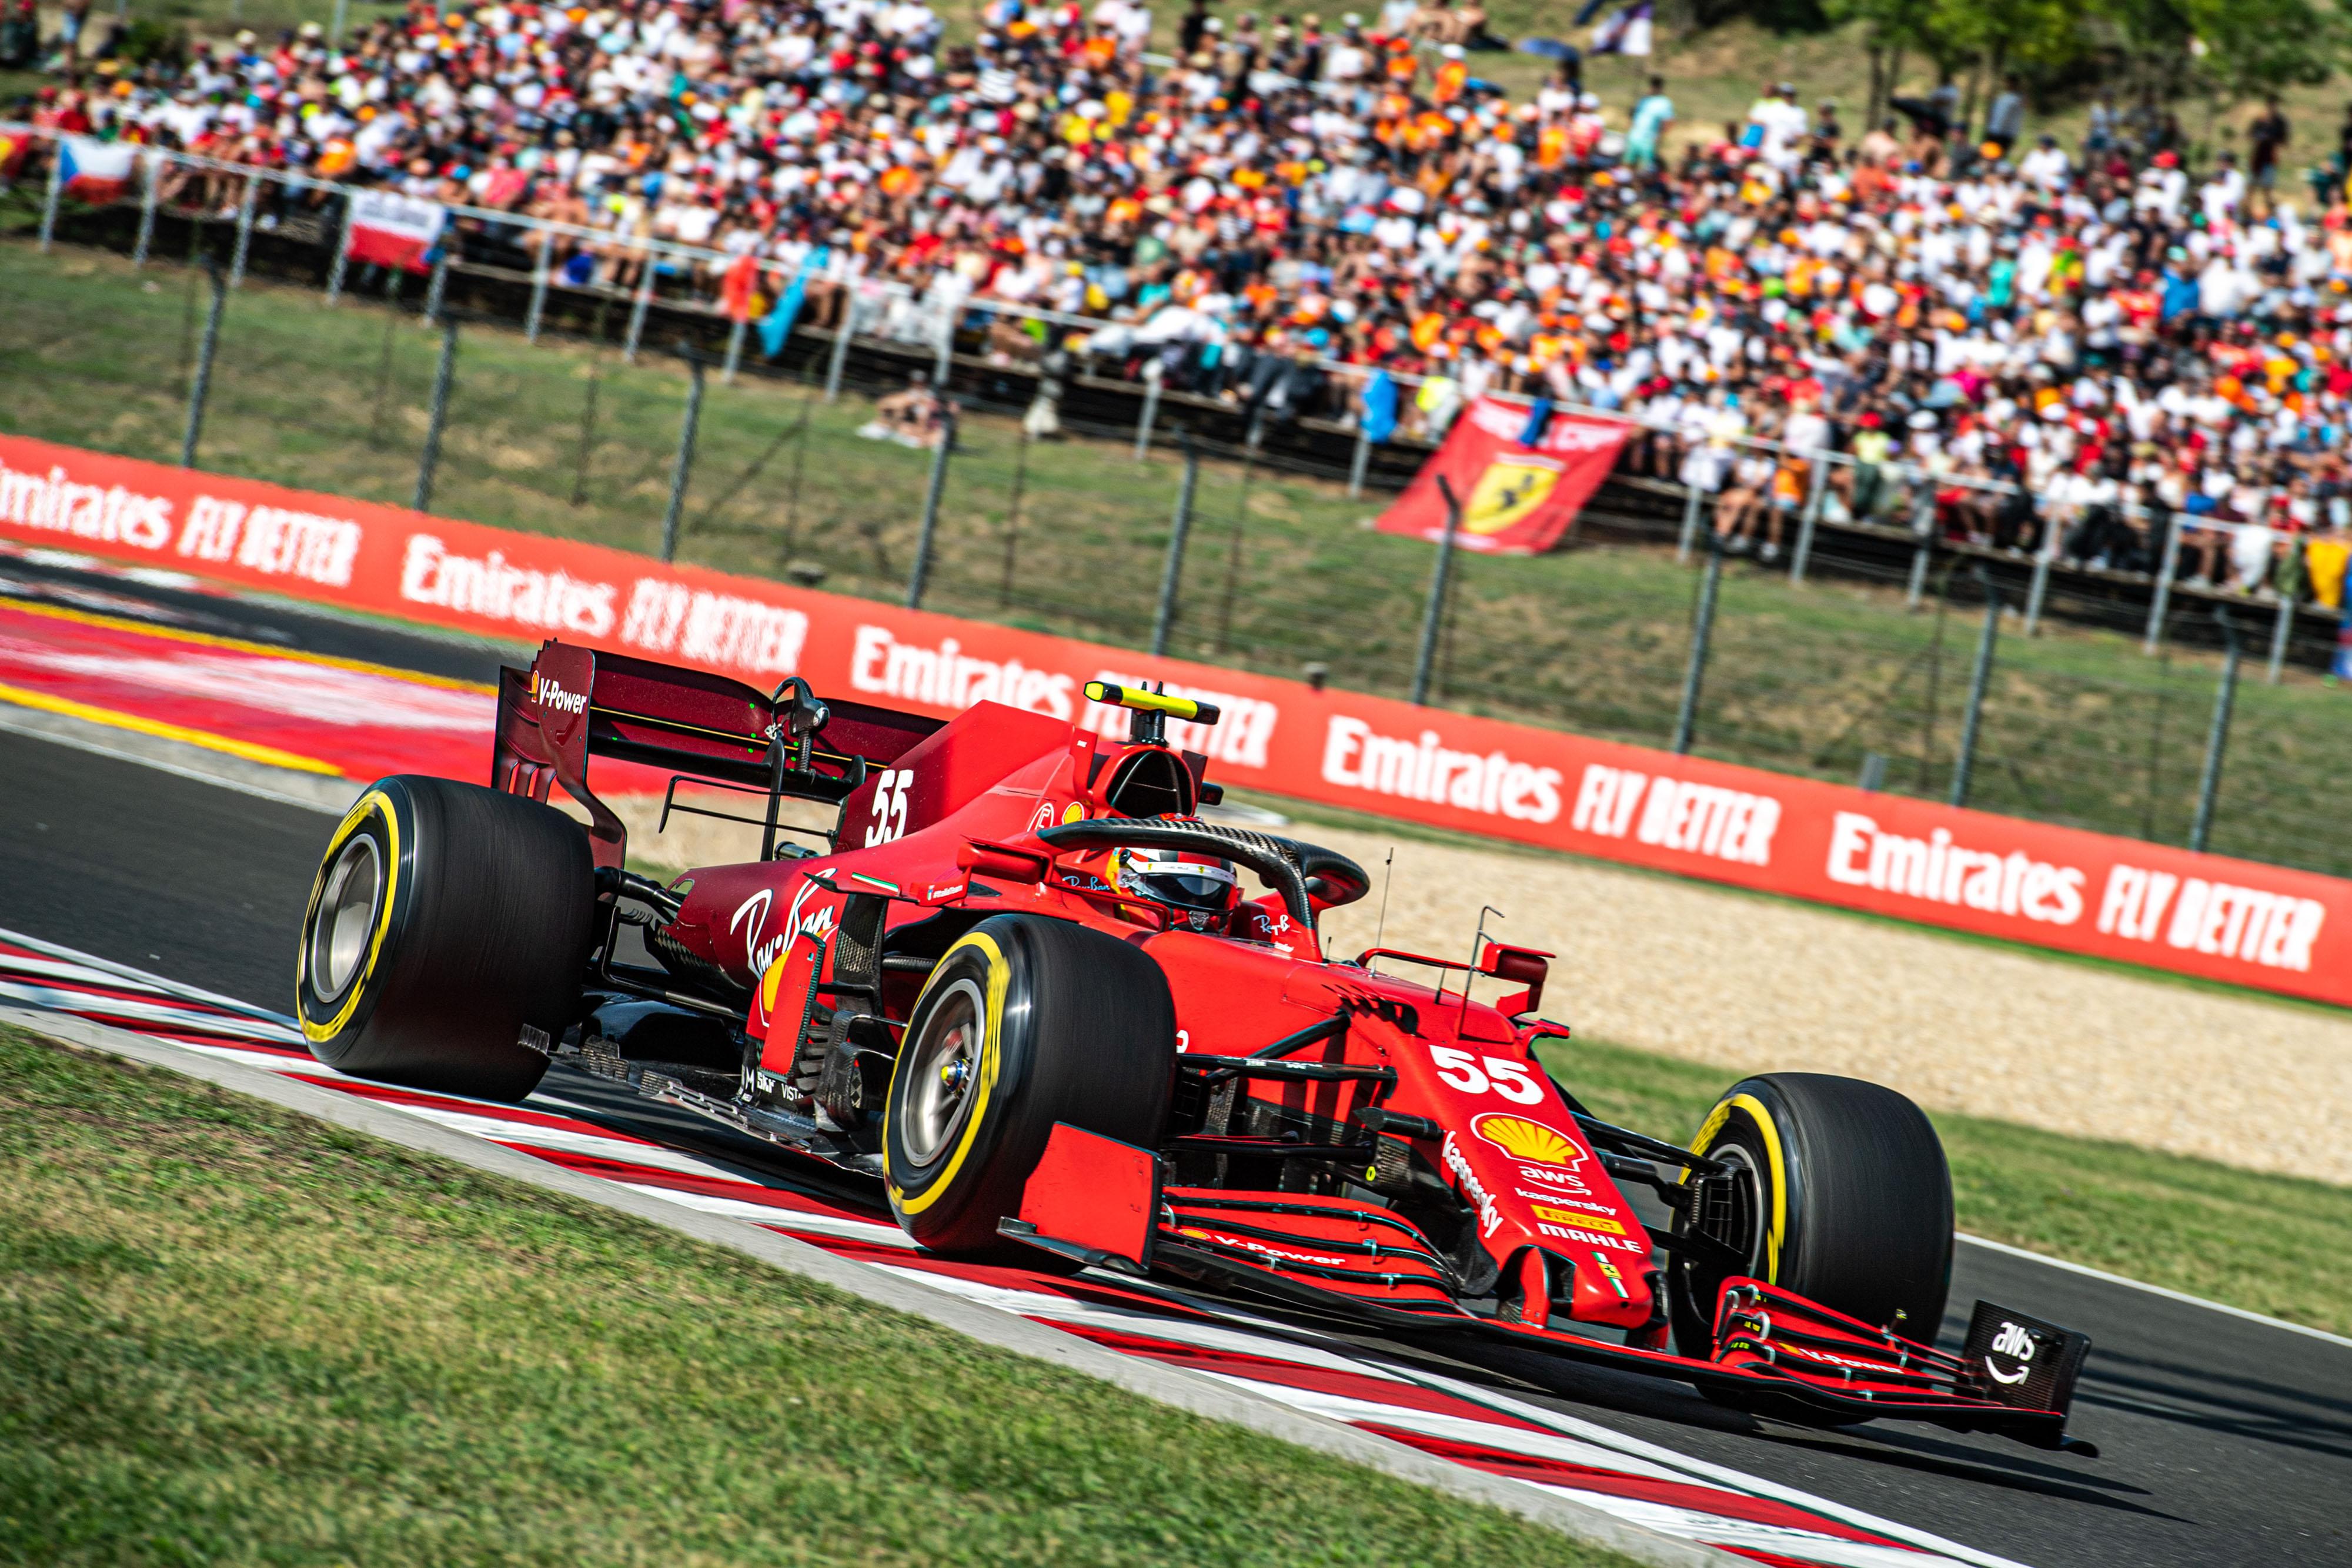 Domingo en Hungría – Ferrari: Sainz salva los muebles en una carrera caótica